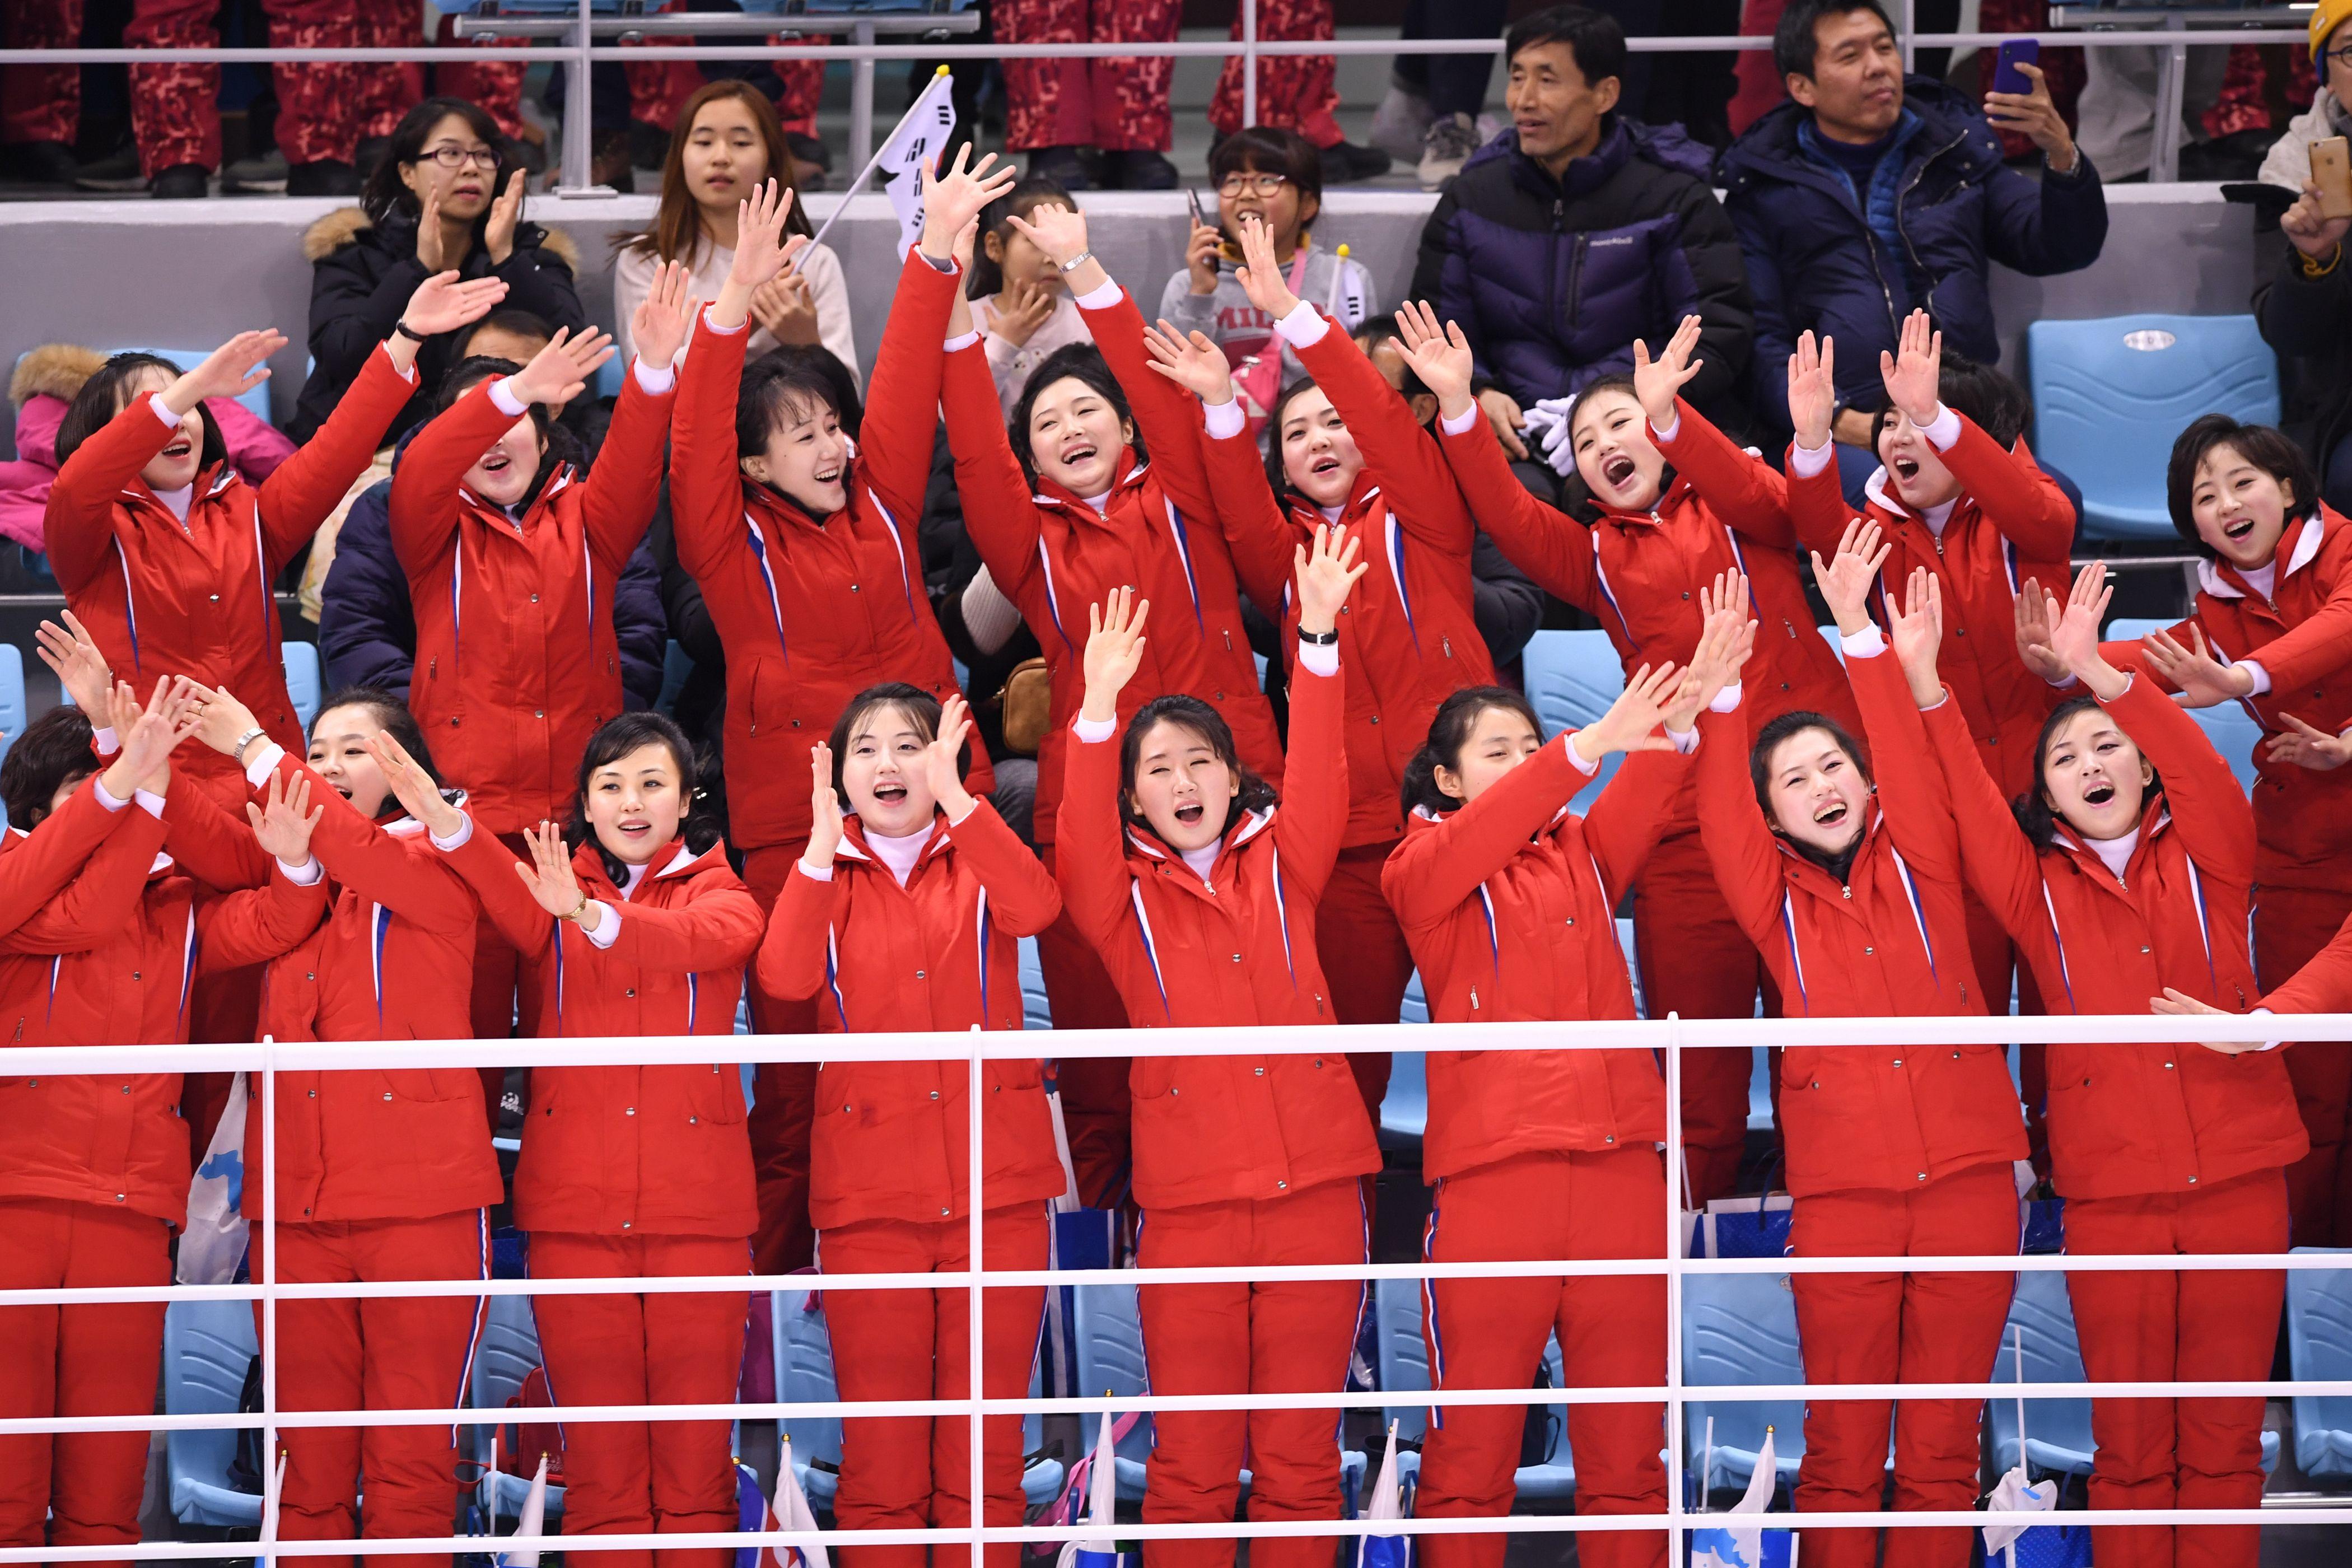 Brasil estreia nos jogos olímpicos de inverno nesta semana